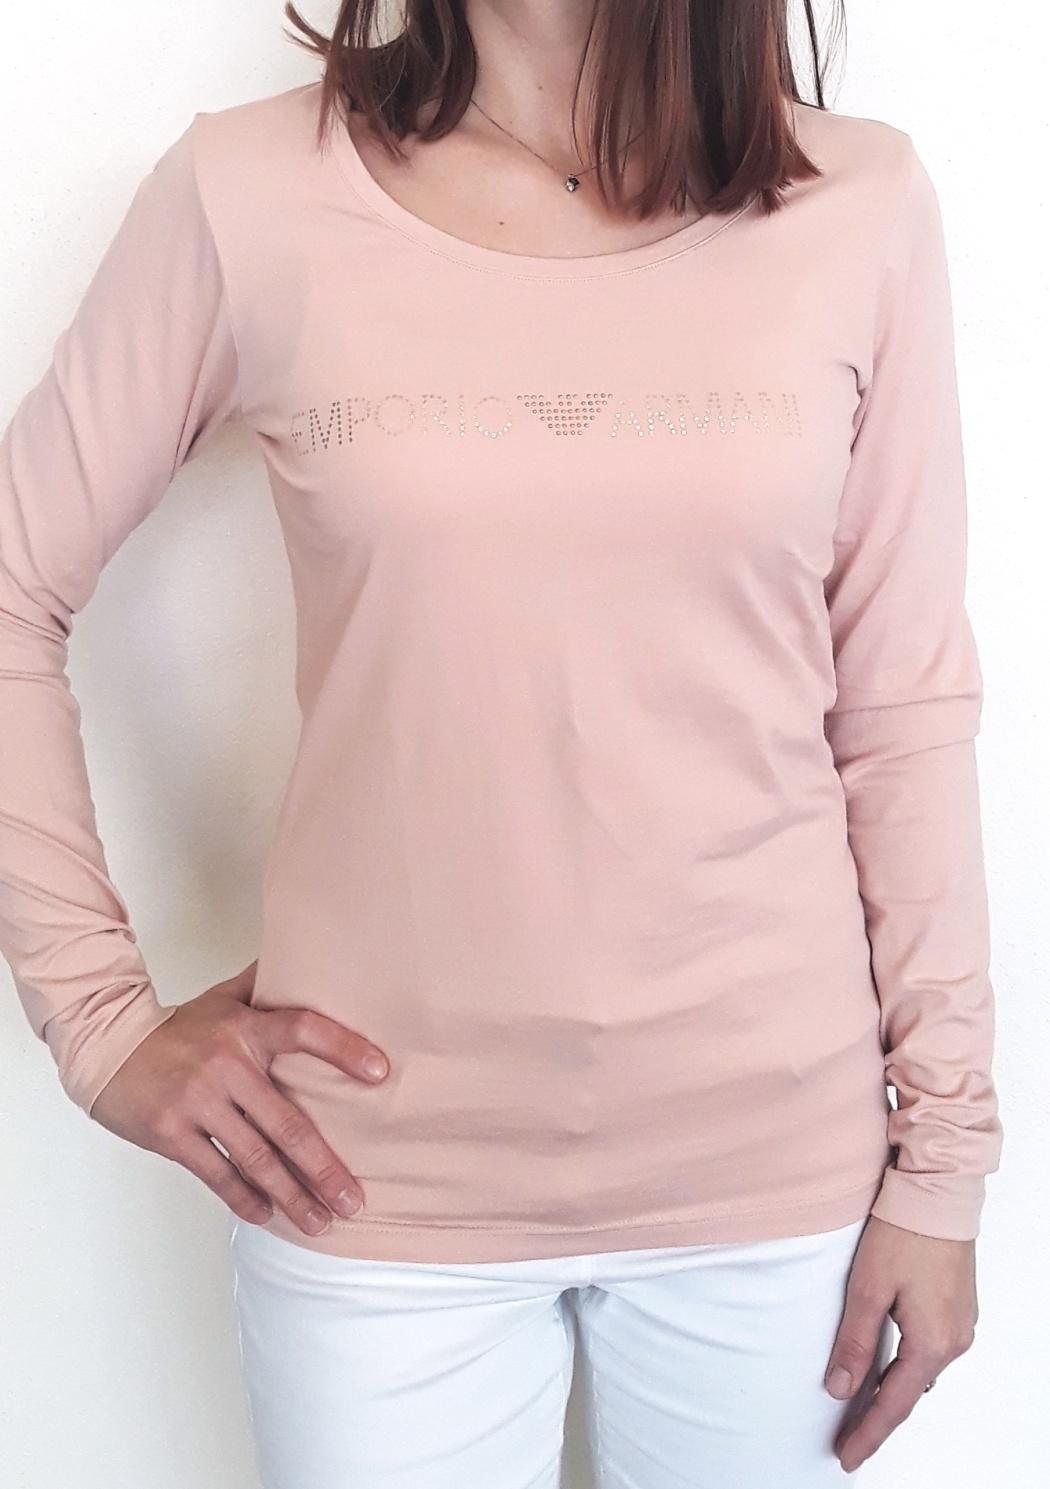 005ef80c23dc Dámské tričko Emporio Armani 163378 8A263 M Starorůžová1